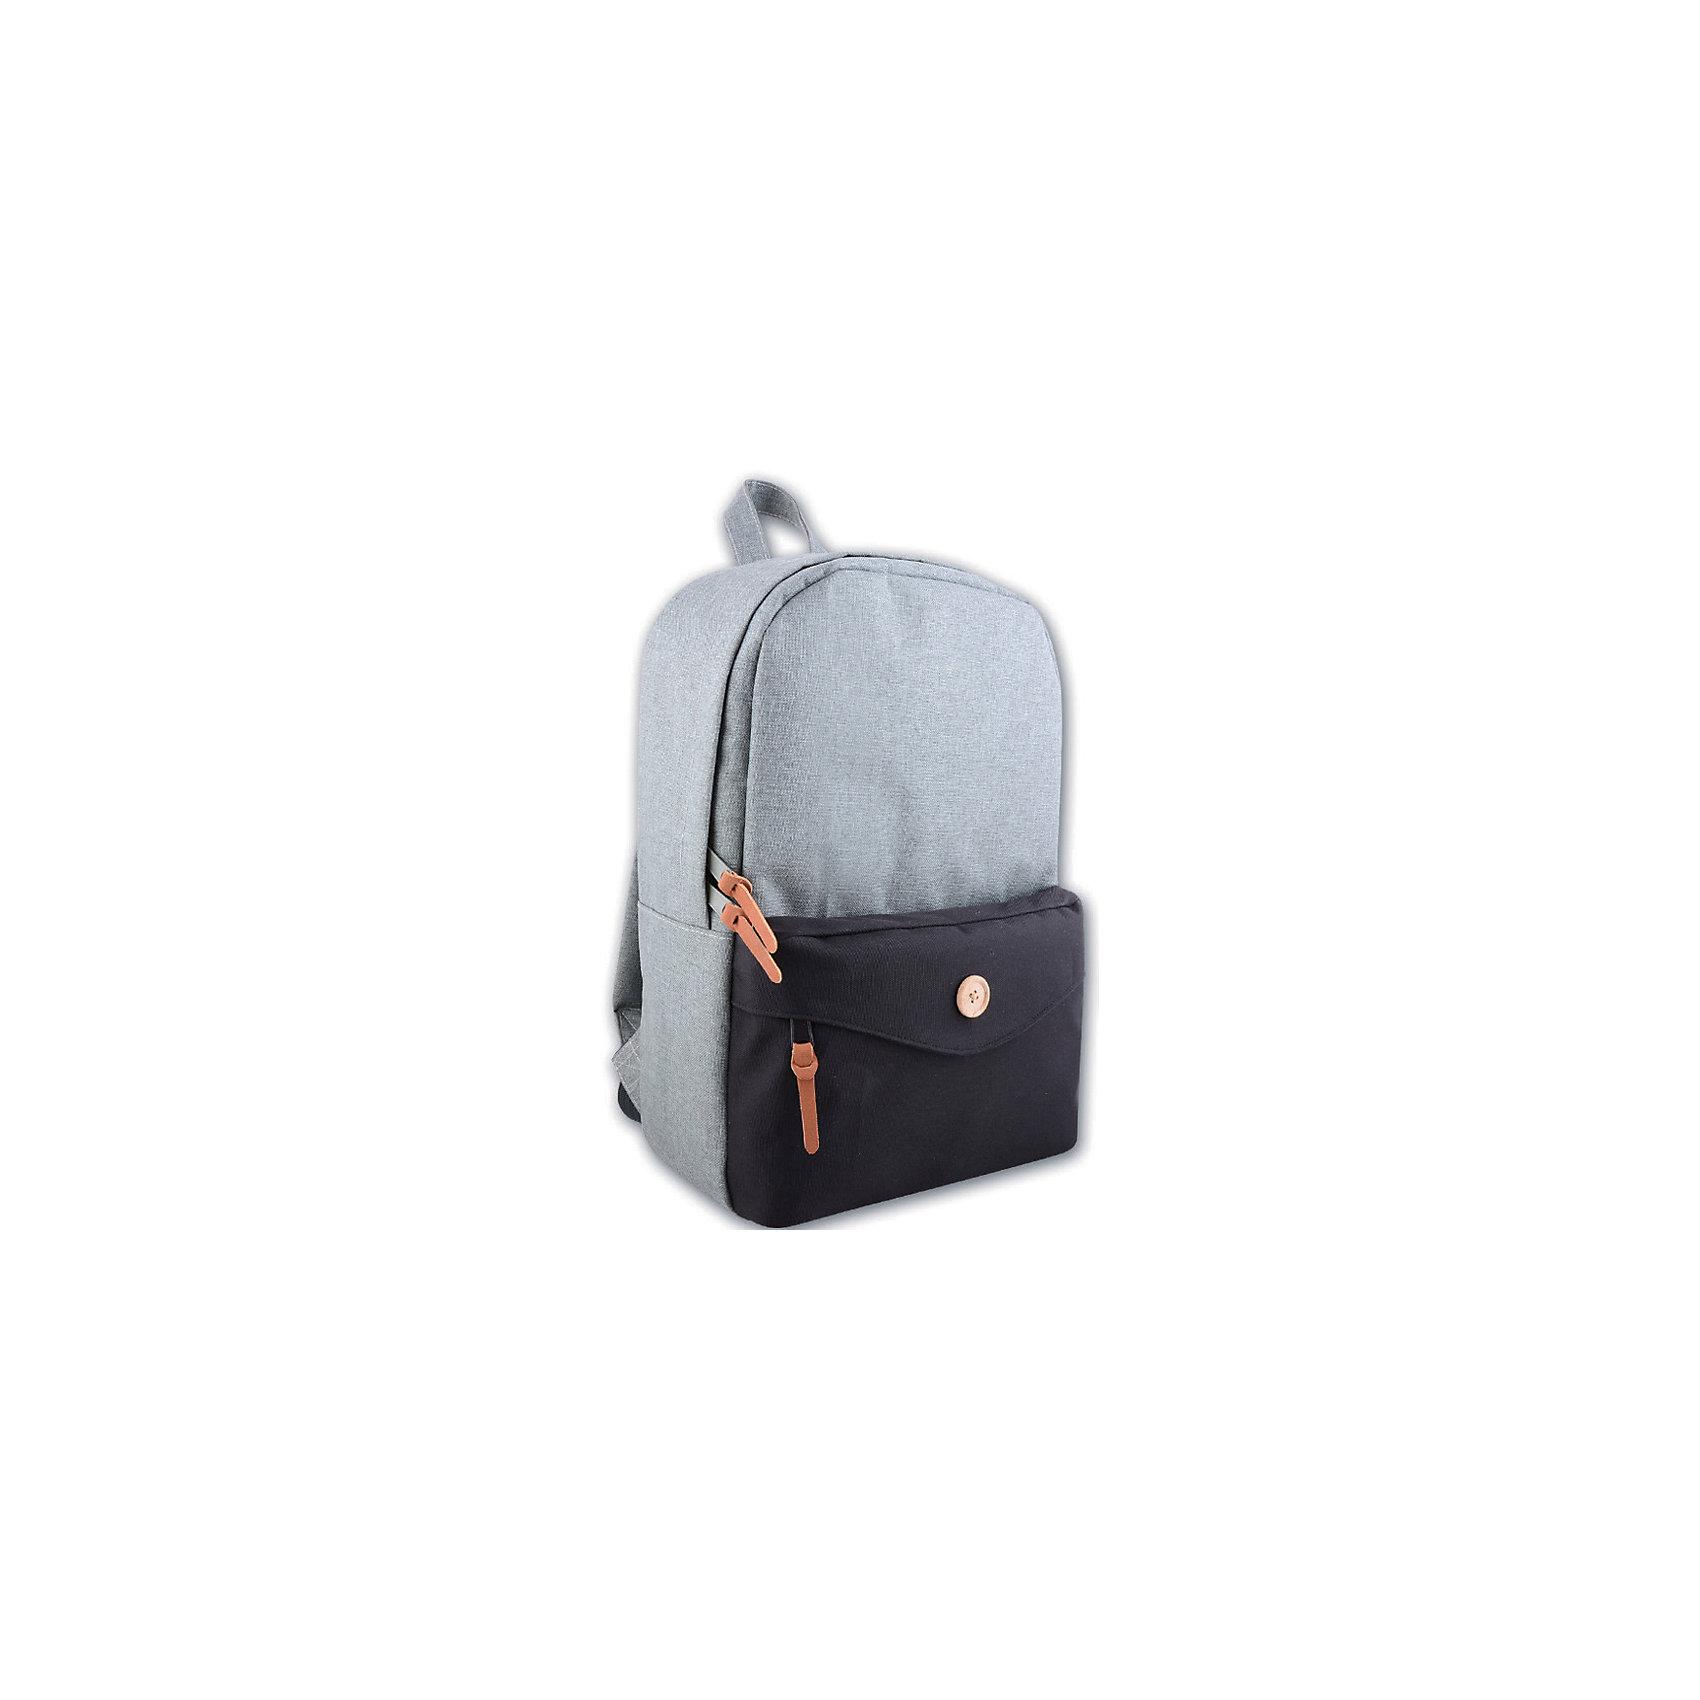 Рюкзак молодежный, серыйДорожные сумки и чемоданы<br>Стильный, удобный рюкзак для Вашего ребенка. У рюкзака одно большое отделение на молнии и один дополнительный карман спереди, лямки регулируются.<br><br>Дополнительная информация:<br><br>- Возраст: от 6 лет.<br>- Молнии ранца украшены брелками.<br>- Цвет: серый.<br>- Материал: 100% полиэстер.<br>- Размер упаковки: 42х28х11 см.<br>- Вес в упаковке: 325 г.<br><br>Купить молодежный рюкзак в сером цвете, можно в нашем магазине.<br><br>Ширина мм: 420<br>Глубина мм: 280<br>Высота мм: 110<br>Вес г: 325<br>Возраст от месяцев: 72<br>Возраст до месяцев: 2147483647<br>Пол: Унисекс<br>Возраст: Детский<br>SKU: 4943606